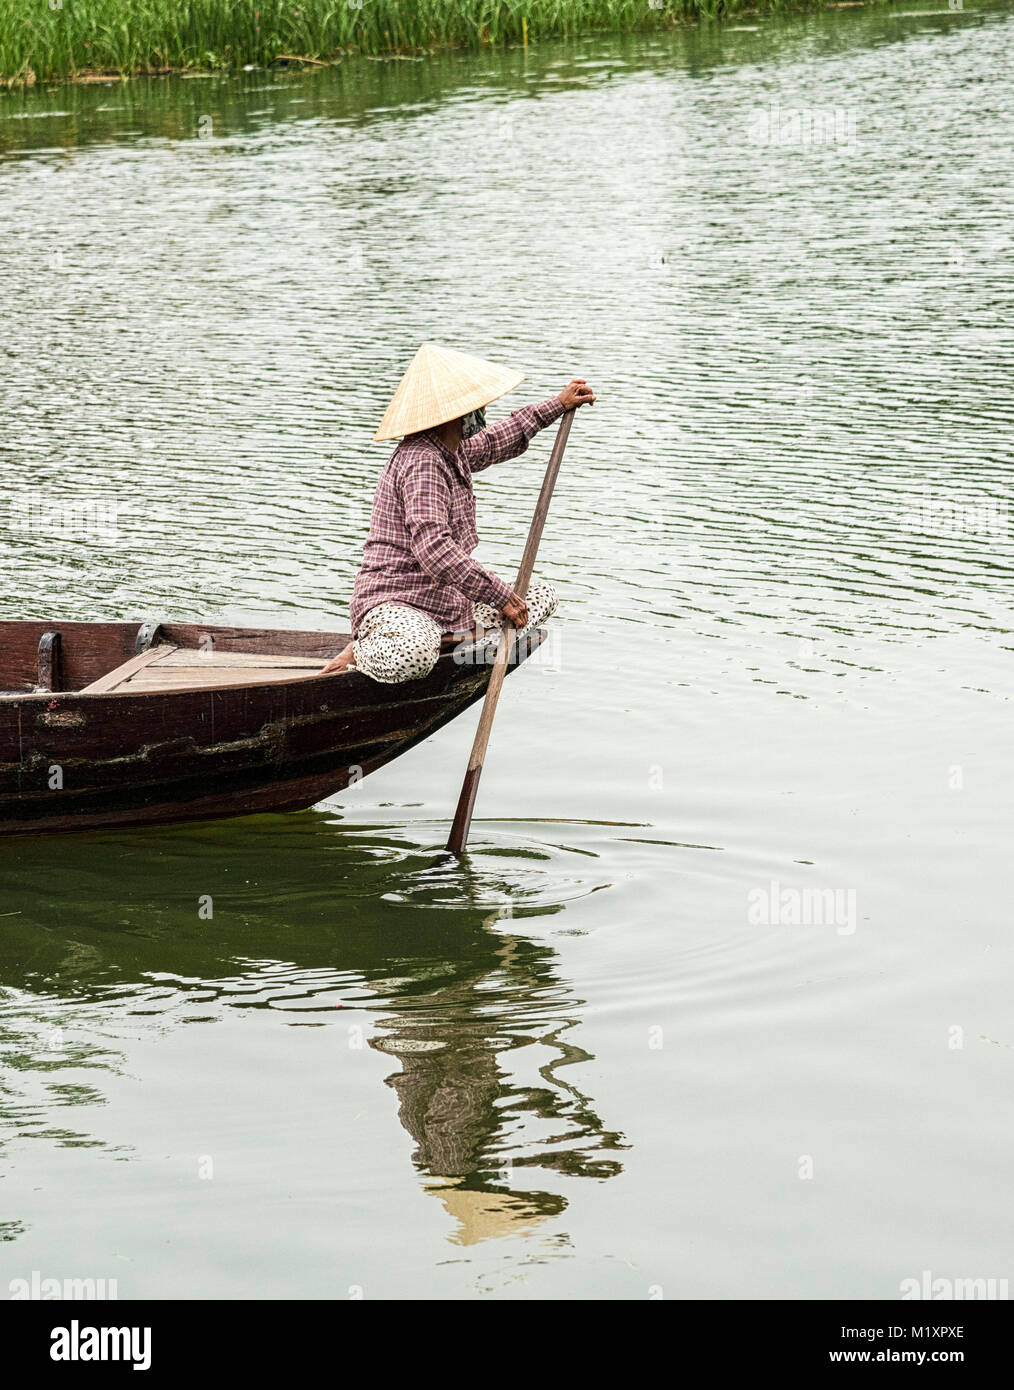 En vietnamita tradicional barco pequeño de cruzar el río en la ciudad  antigua de Hoi An fd03cc064a3